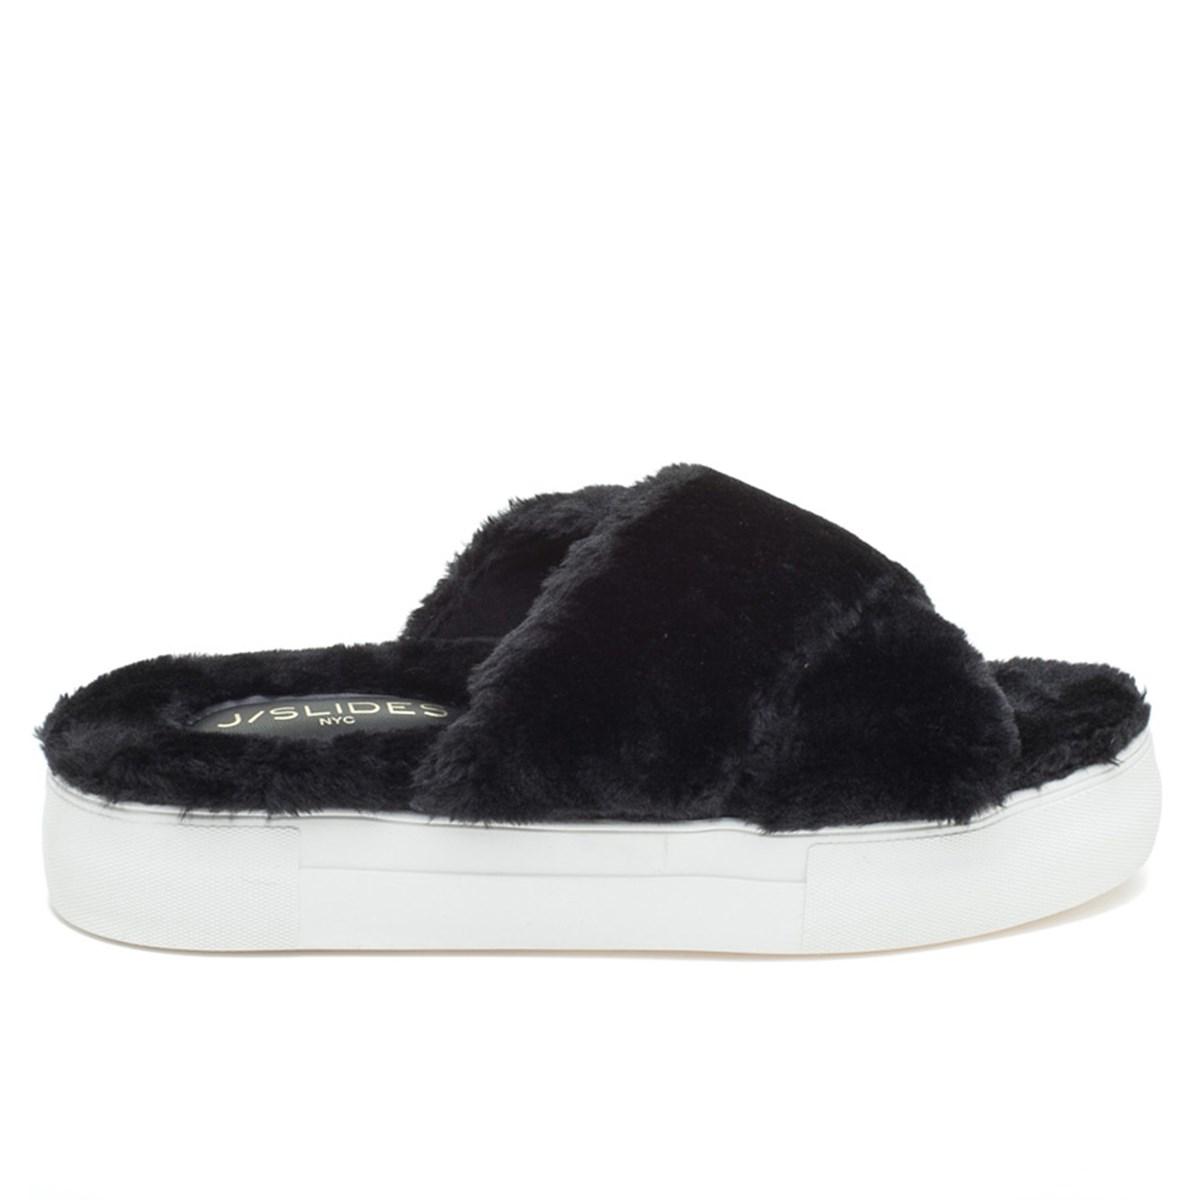 Women's Adorablee Black Faux Fur Slides